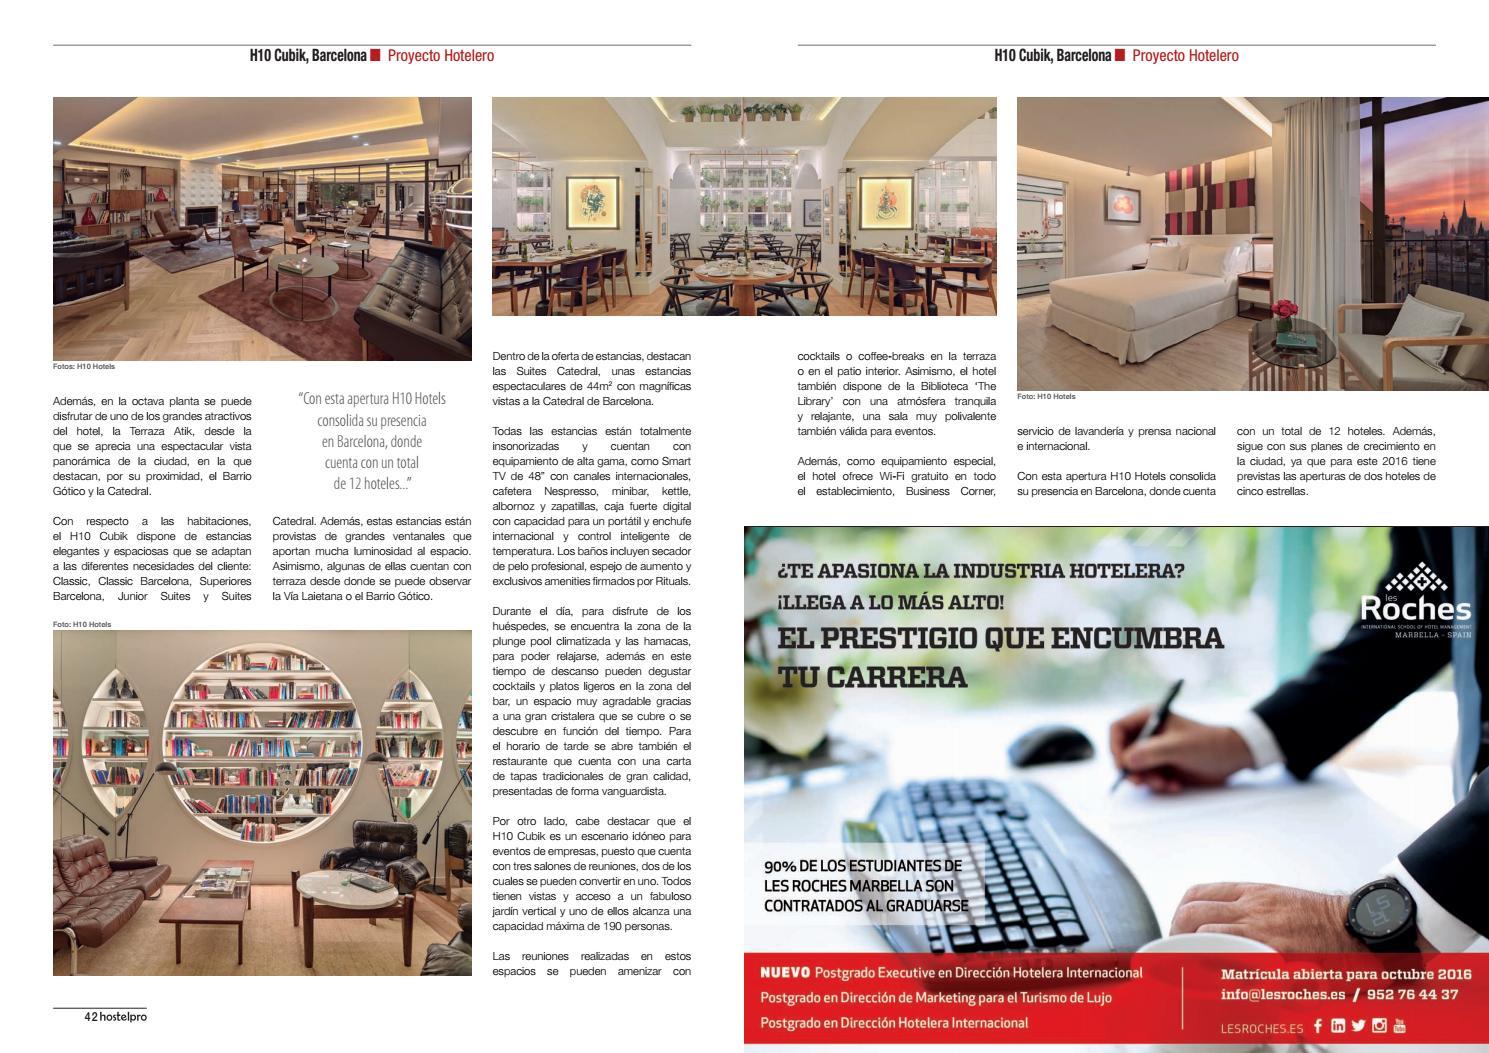 Reportaje Sobre El Proyecto Hotelero H10 Cubik Barcelona By